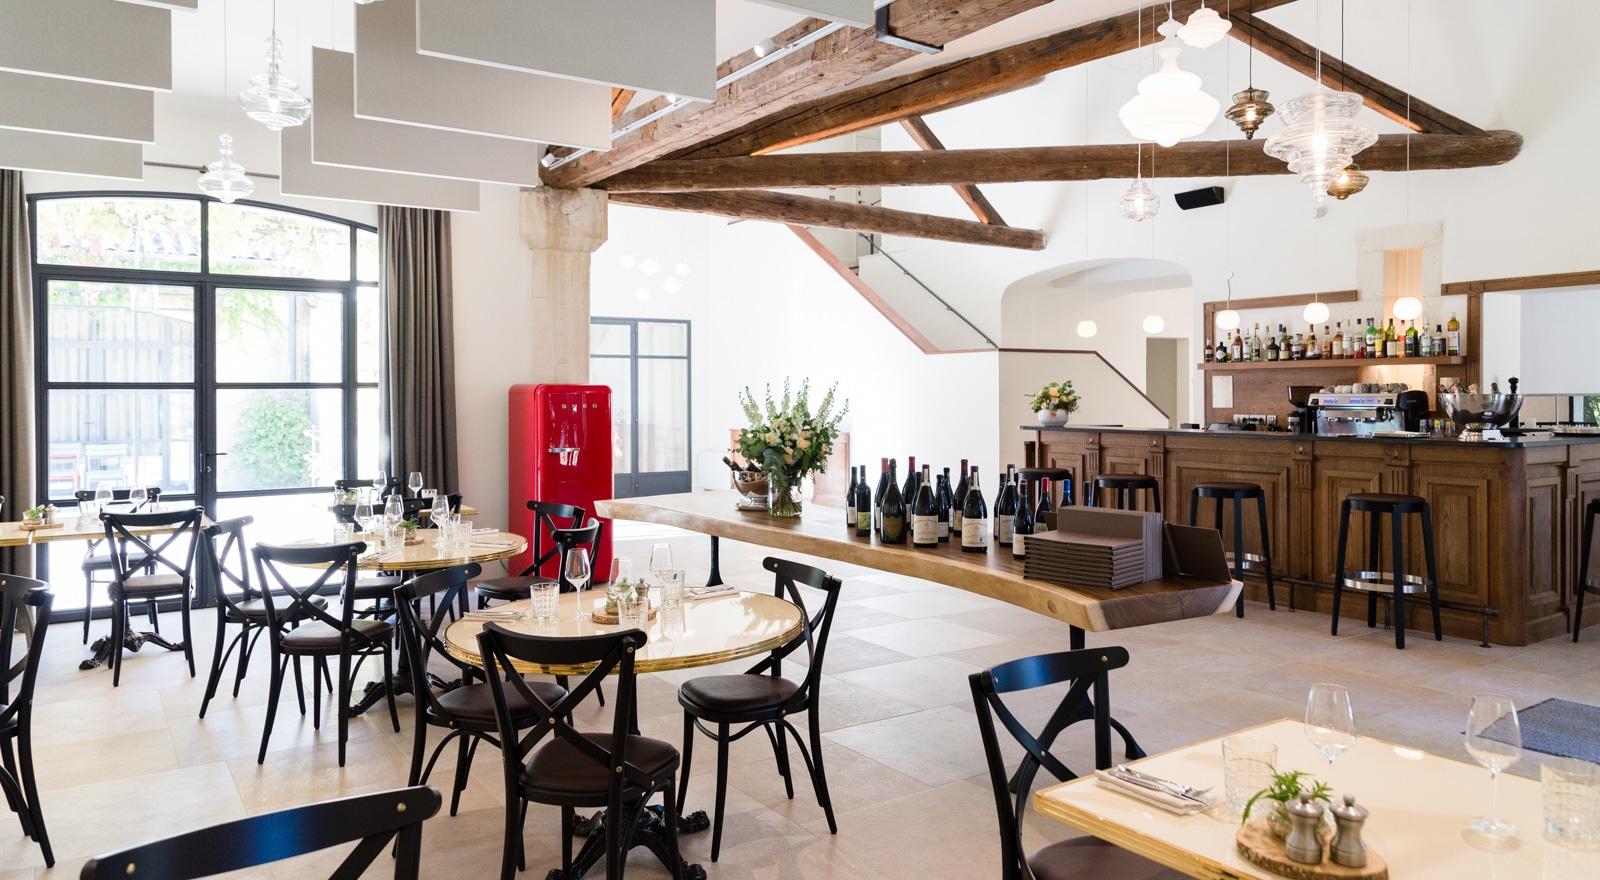 Le bistro de Montcaud dispose d'environ 50 places assises intérieures en plus de sa magnifique terrasse.